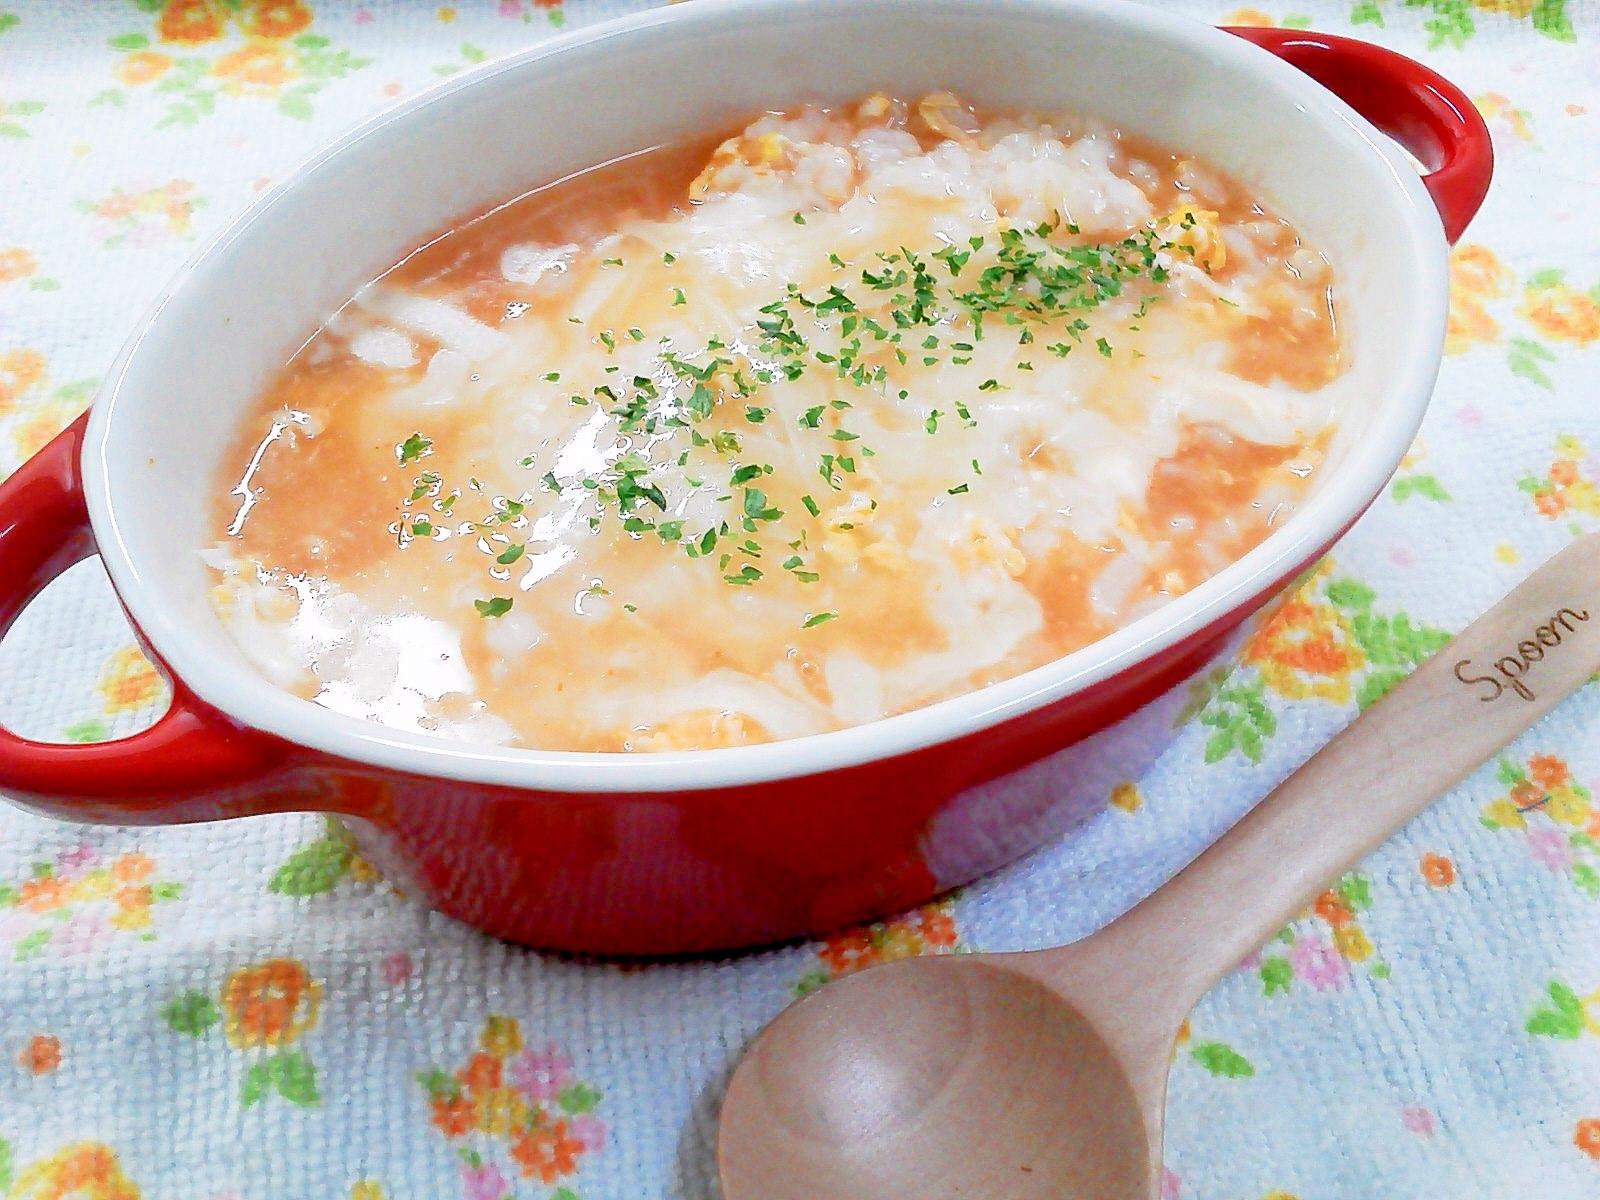 両手付きの赤い耐熱皿に盛られた、卵とチーズの洋風雑炊